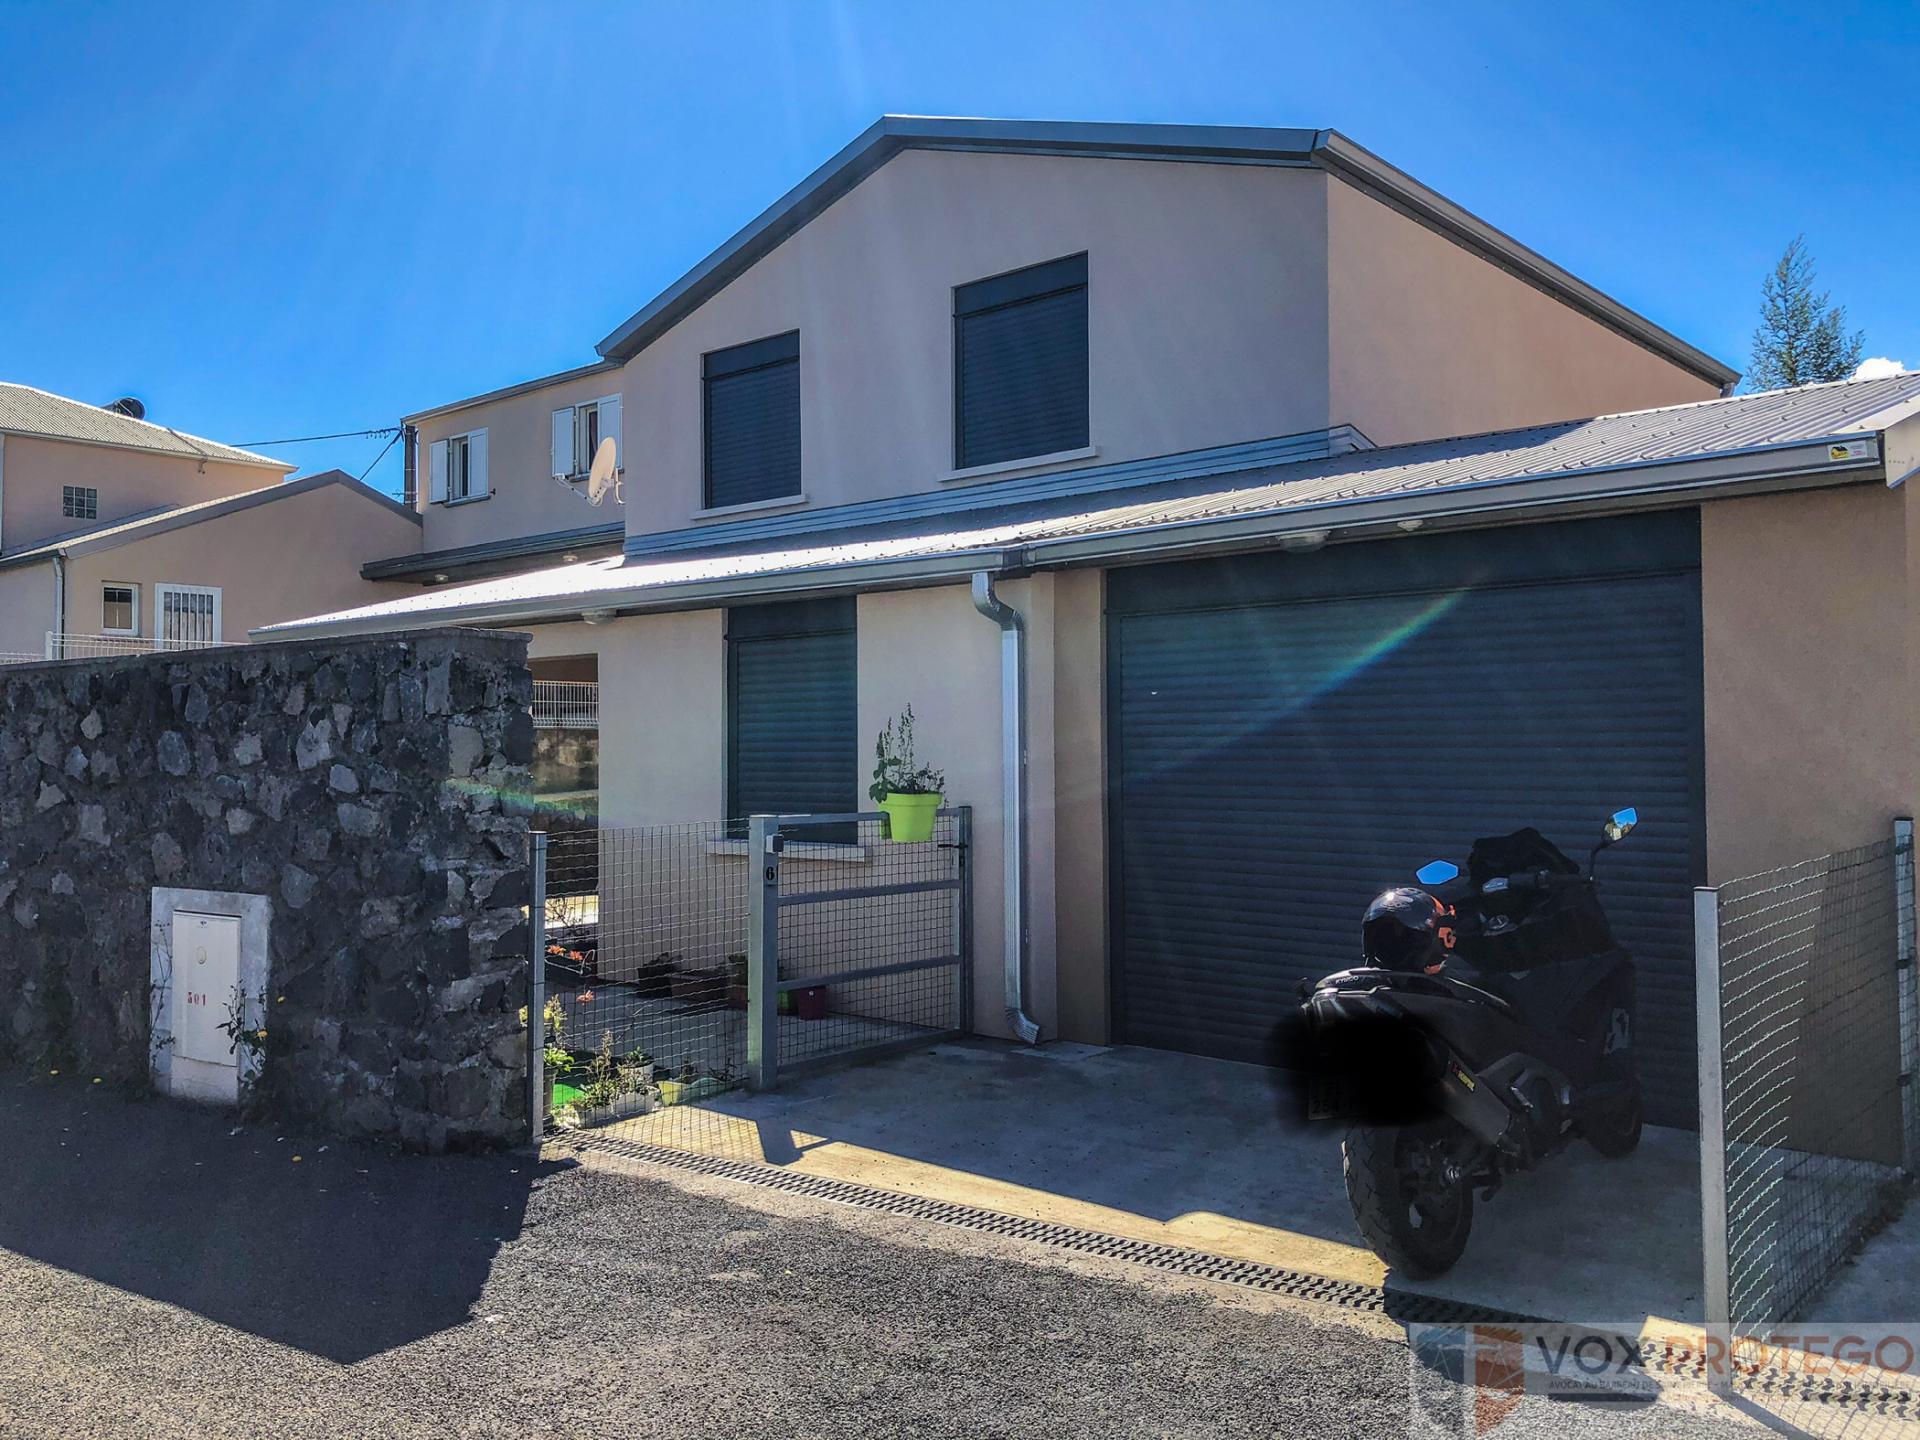 Villa F4 avec garage fermé secteur Plaine des Cafres (Réunion)